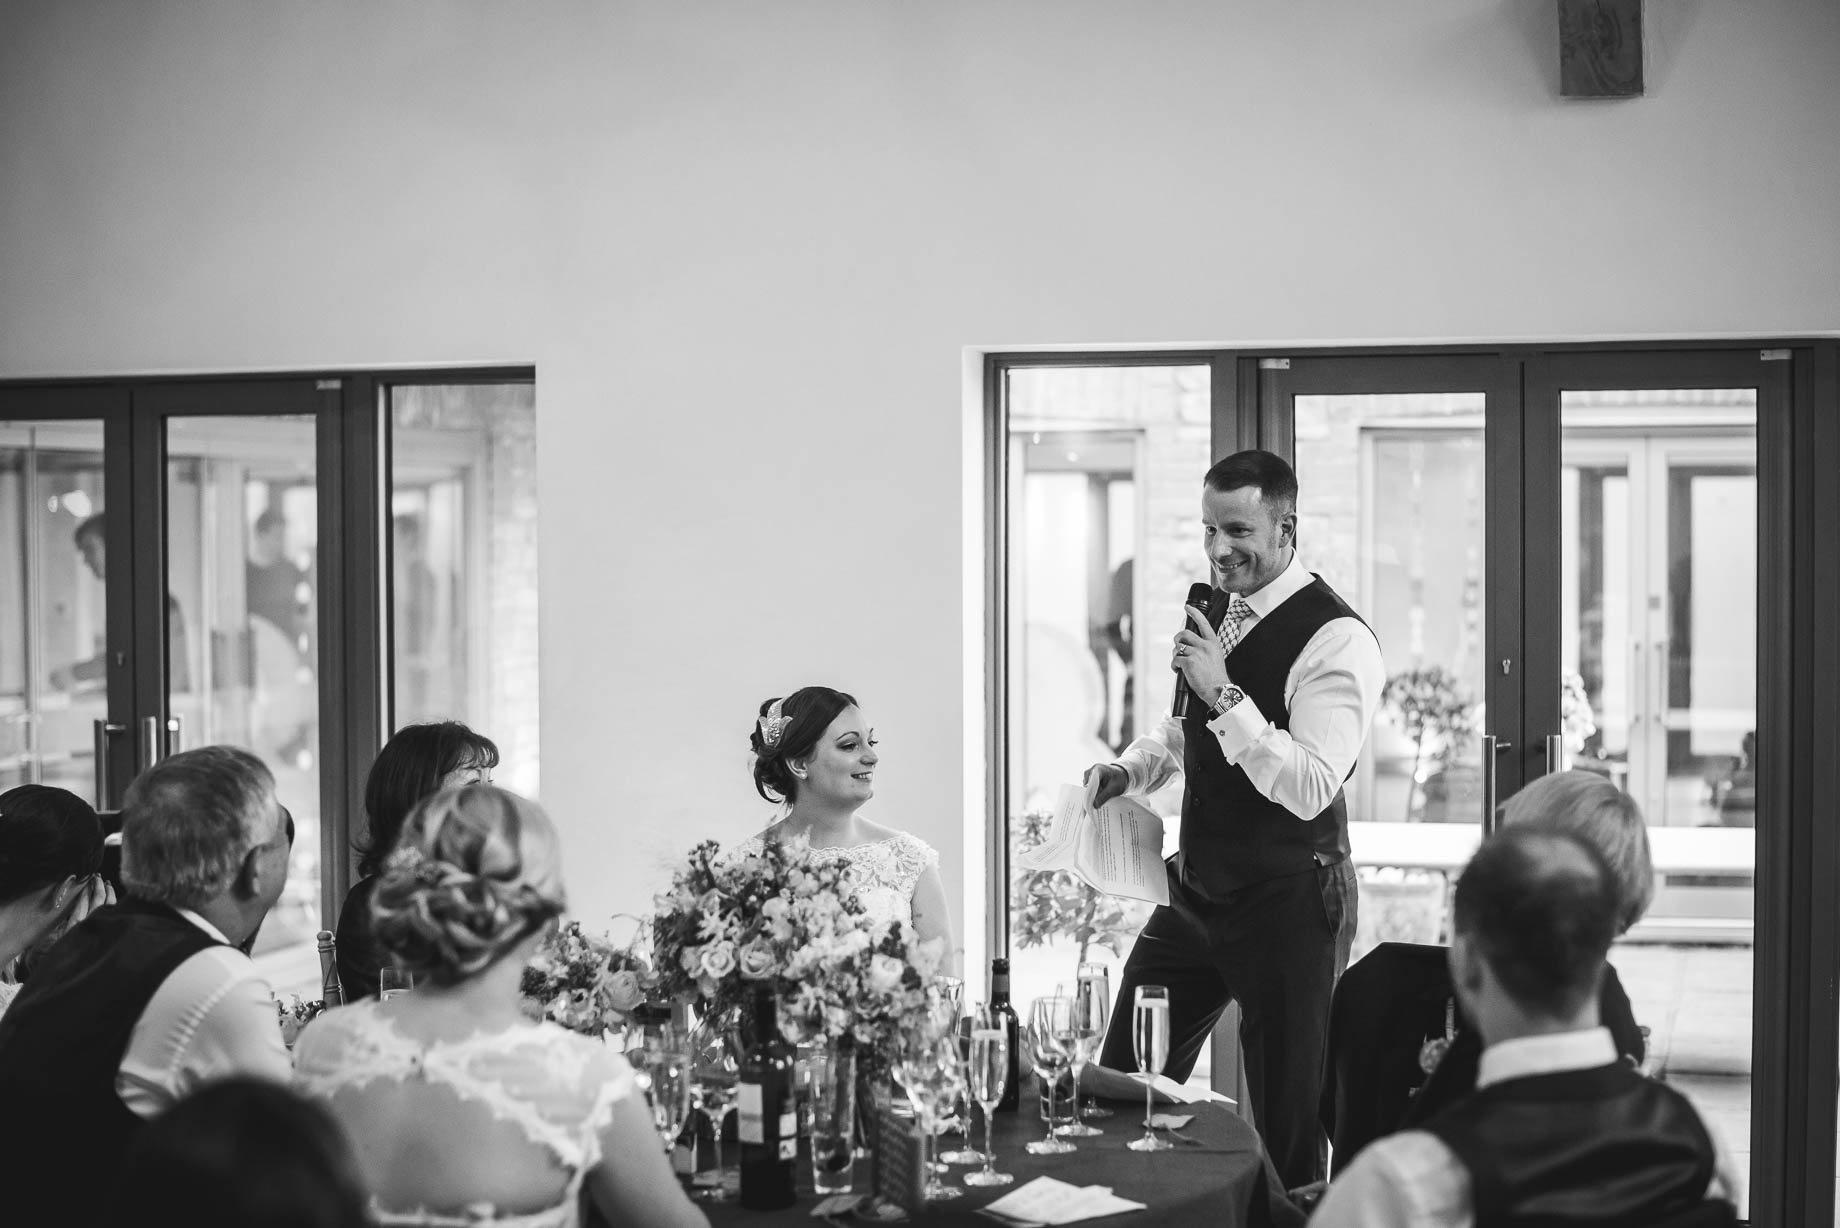 Millbridge Court Wedding Photography - Lisa and Daniel (145 of 173)